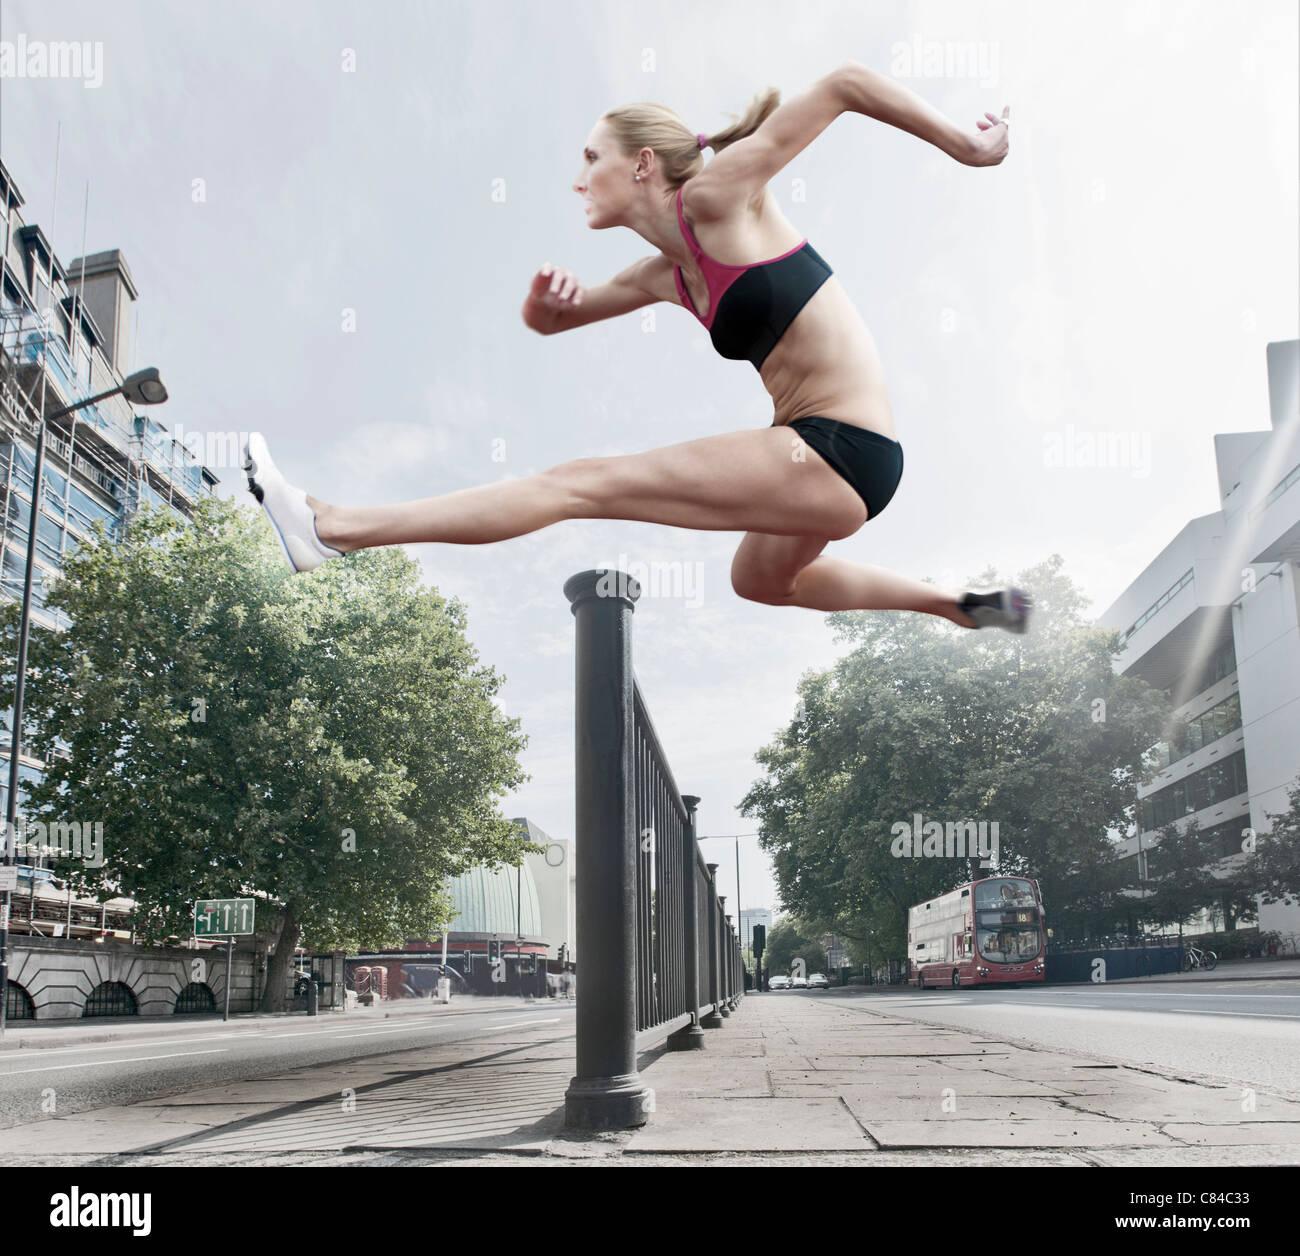 Atleta saltando bannister su strada Immagini Stock